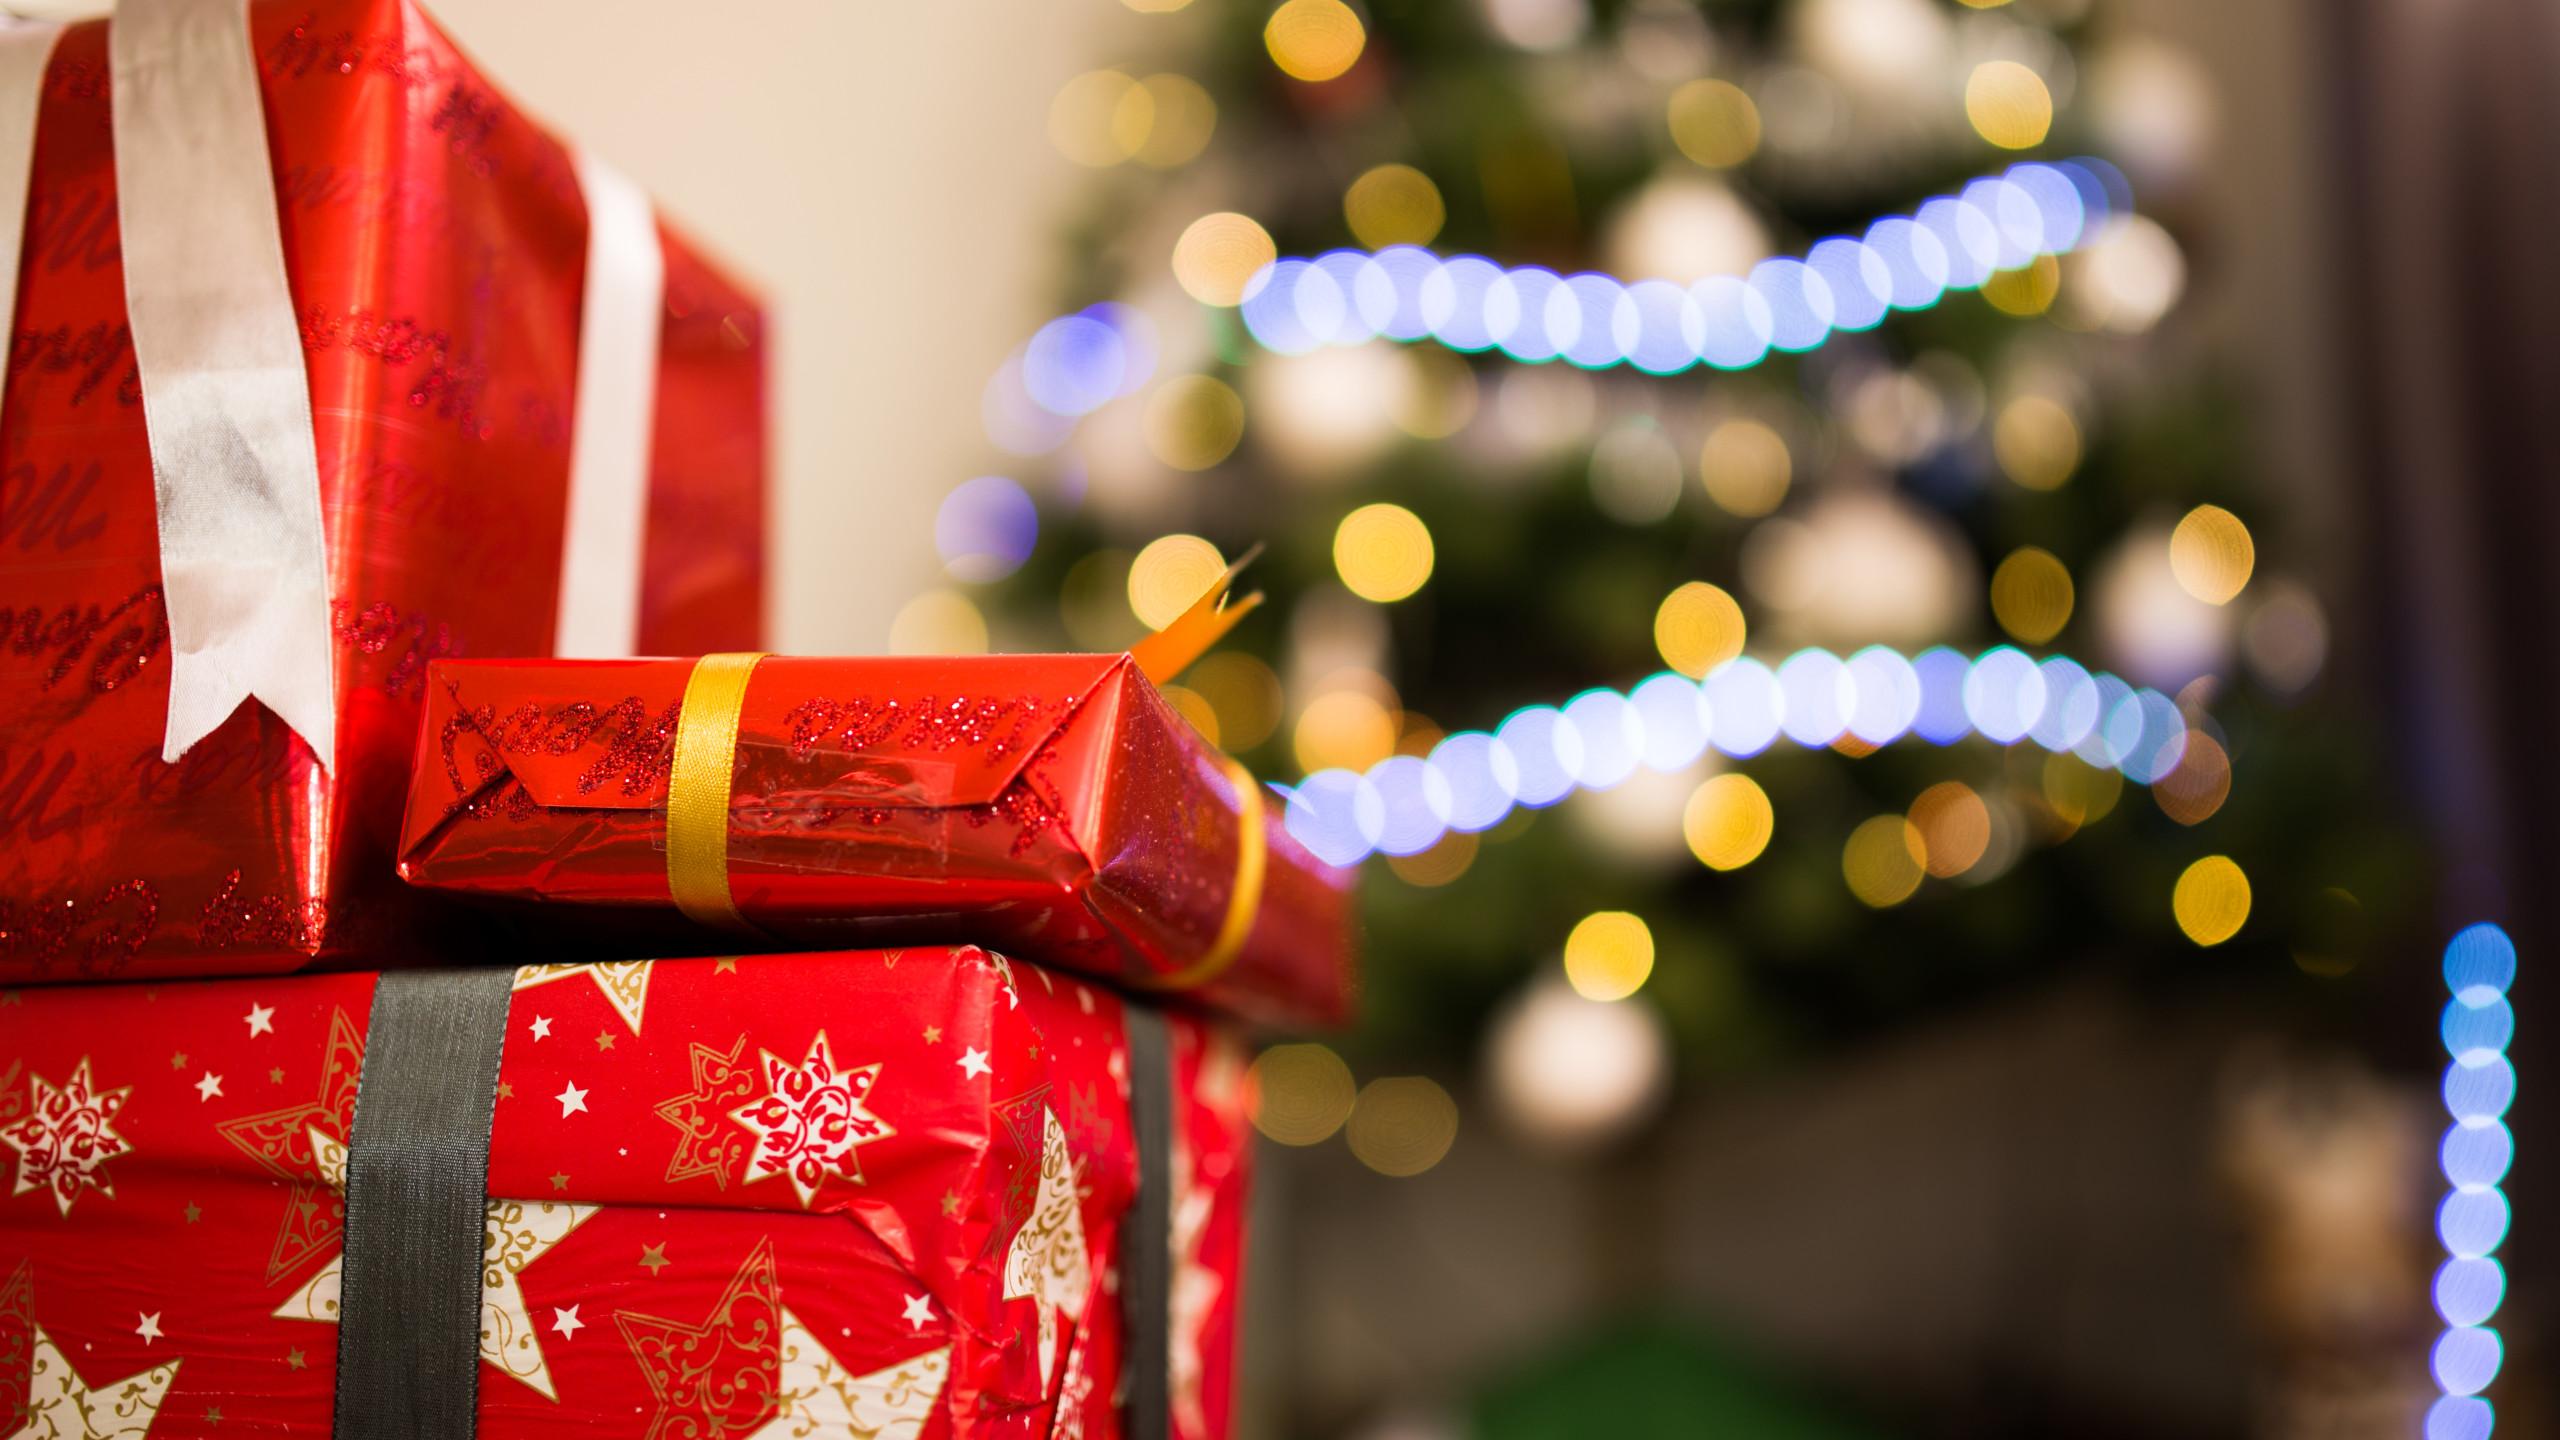 Dutch Christmas.Going Dutch For Christmas Risk Magazine